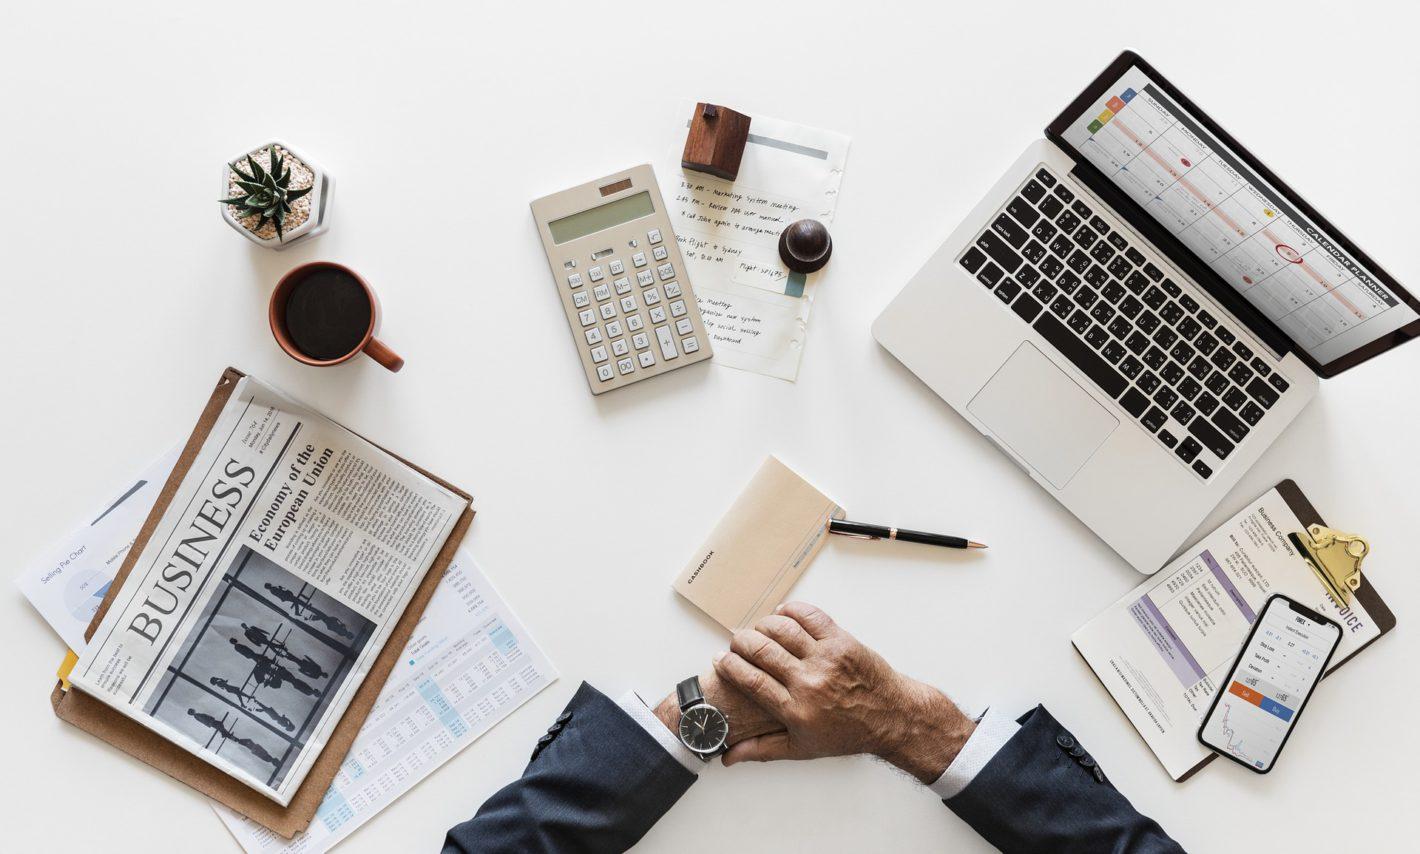 évaluation des actifs immatériels